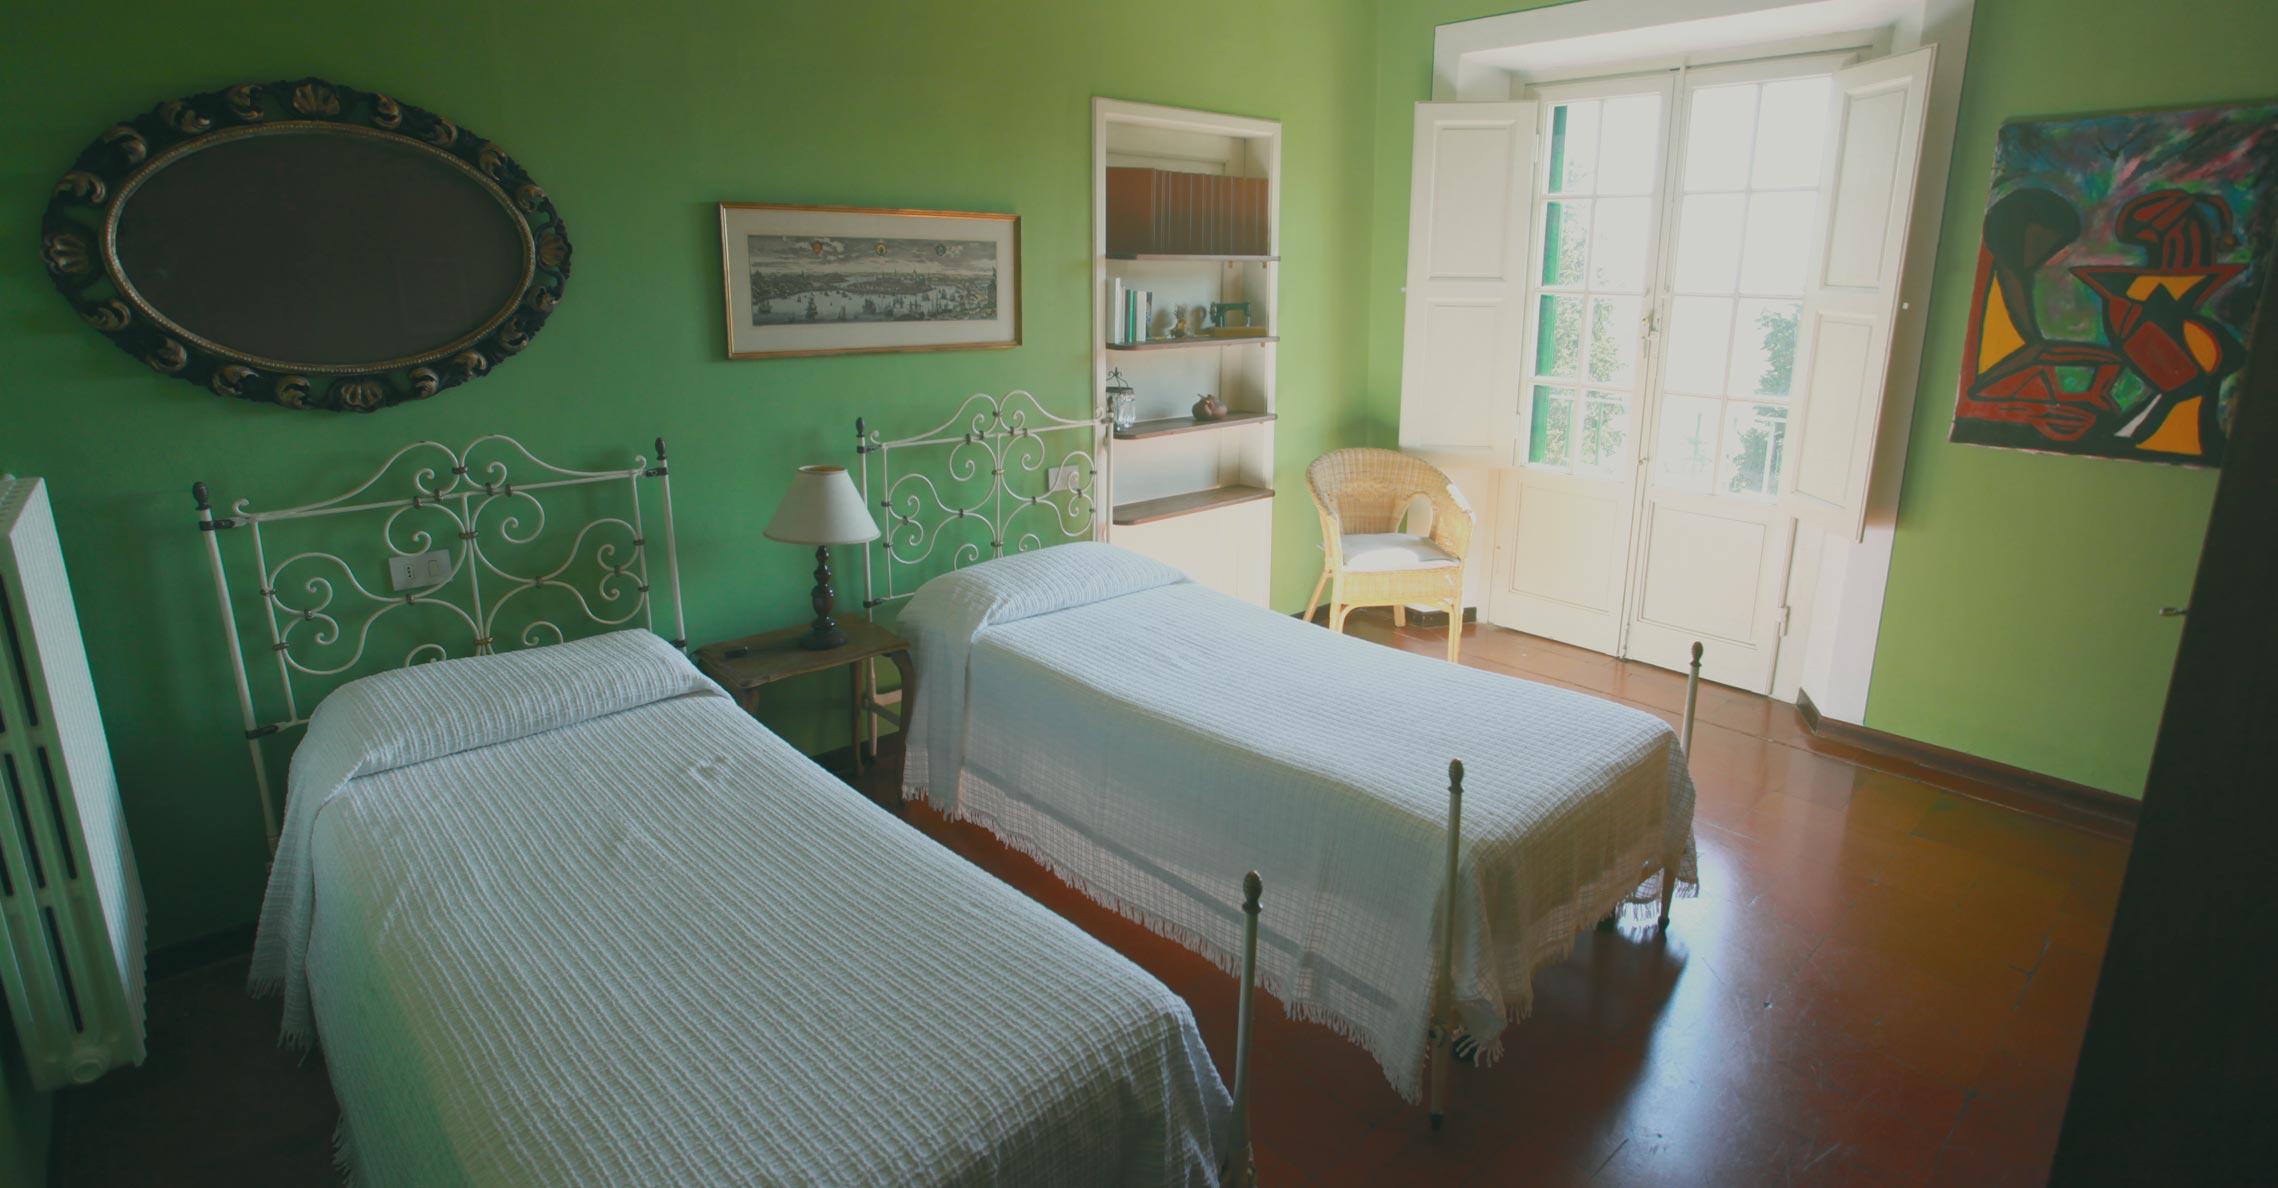 acacia_interior_bedroom_green